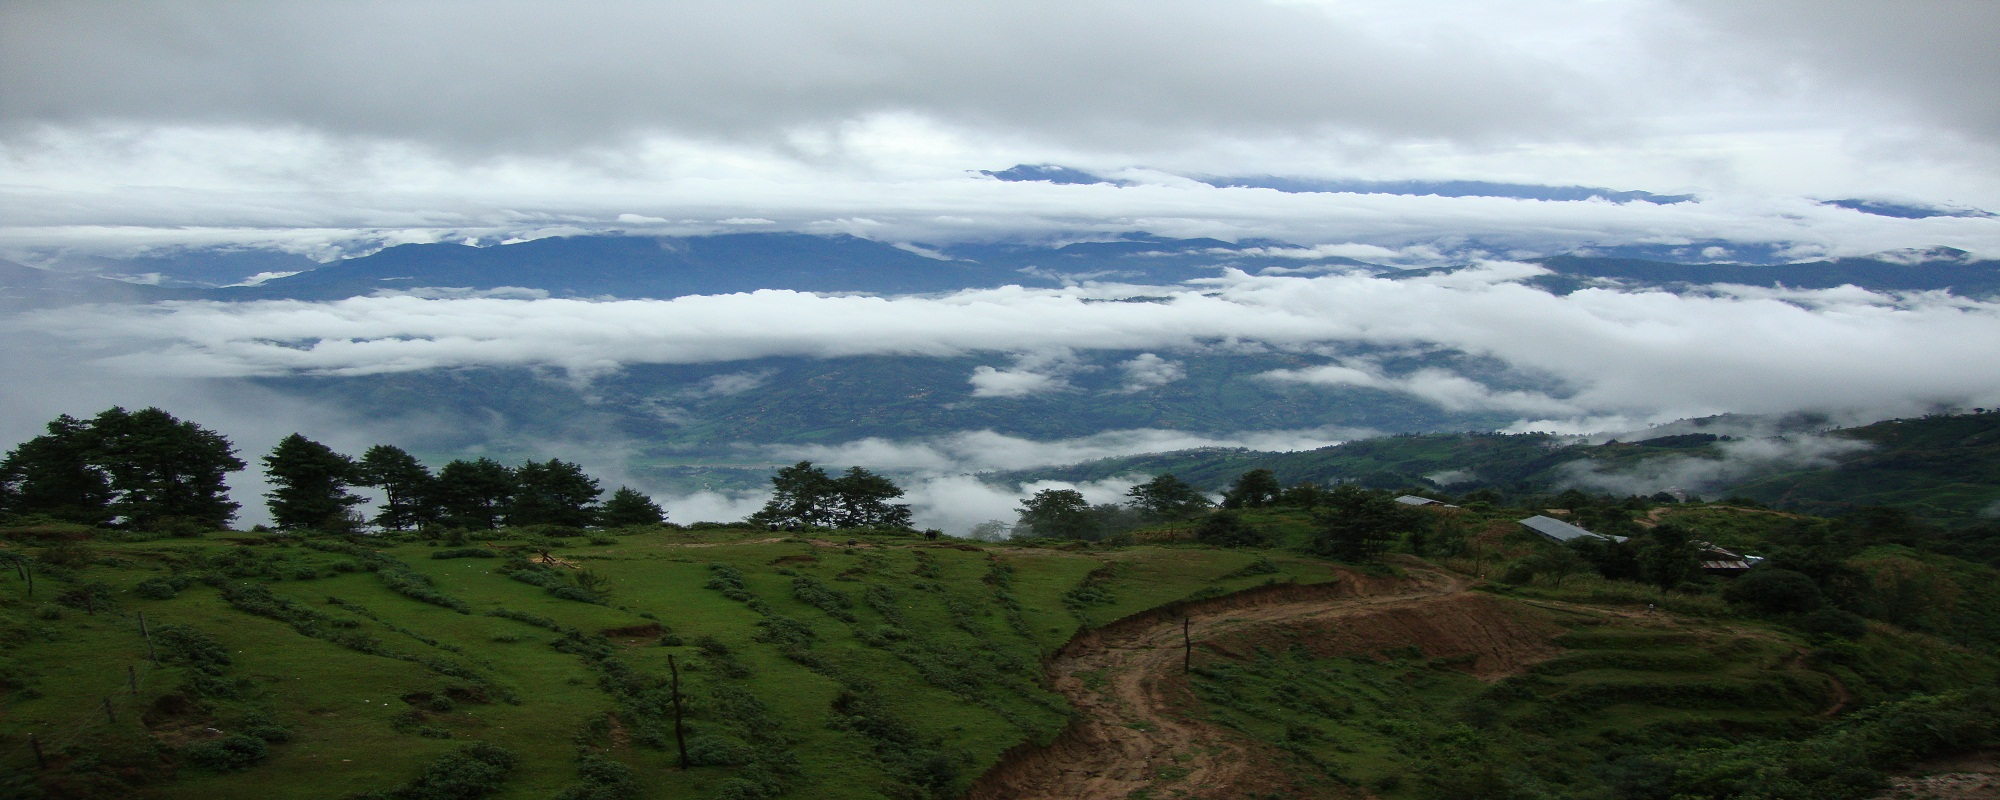 Nagarjun Hill/Kakani Hiking